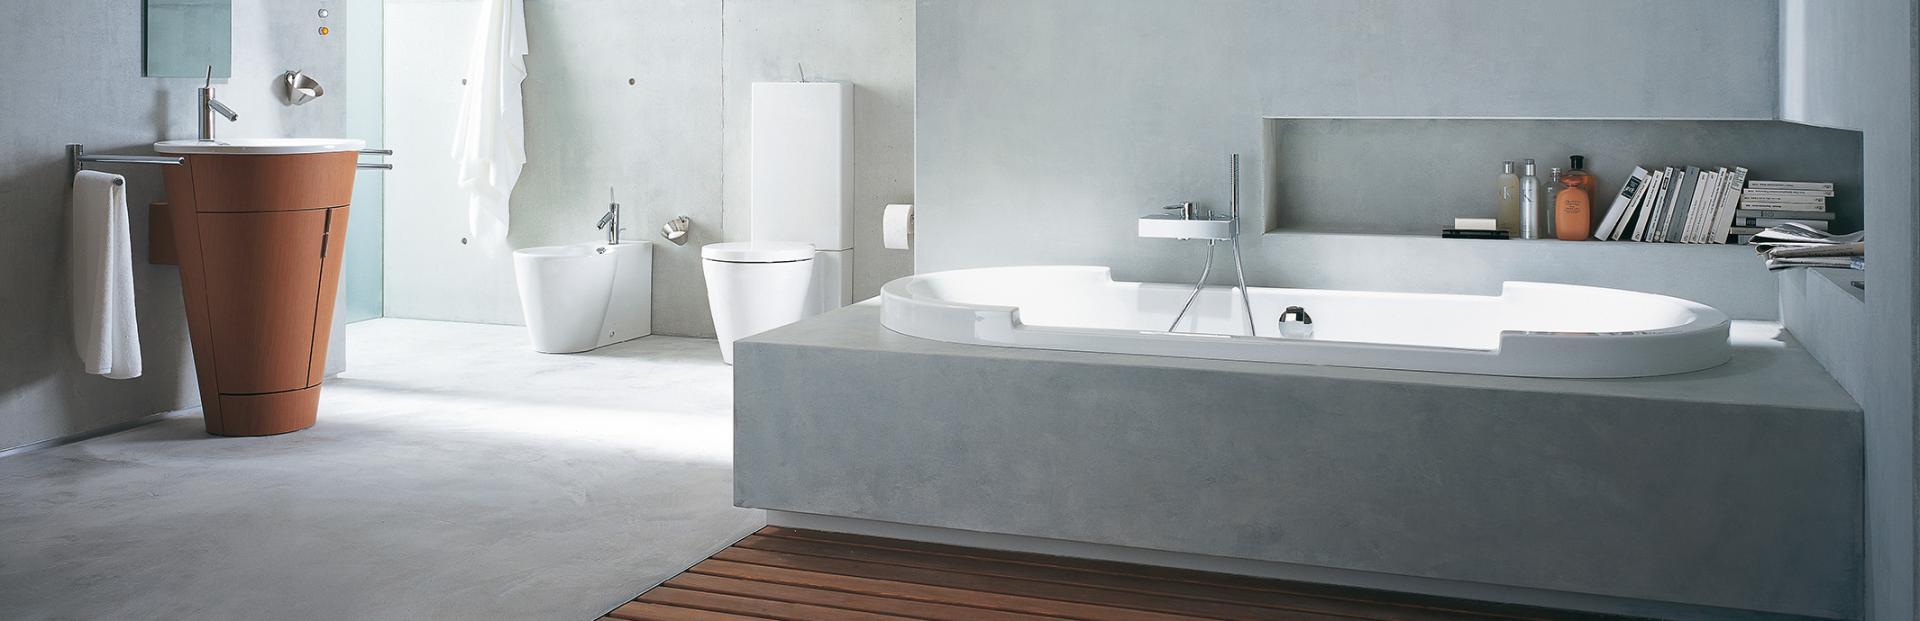 lftung badezimmer ohne fenster home design inspiration. Black Bedroom Furniture Sets. Home Design Ideas